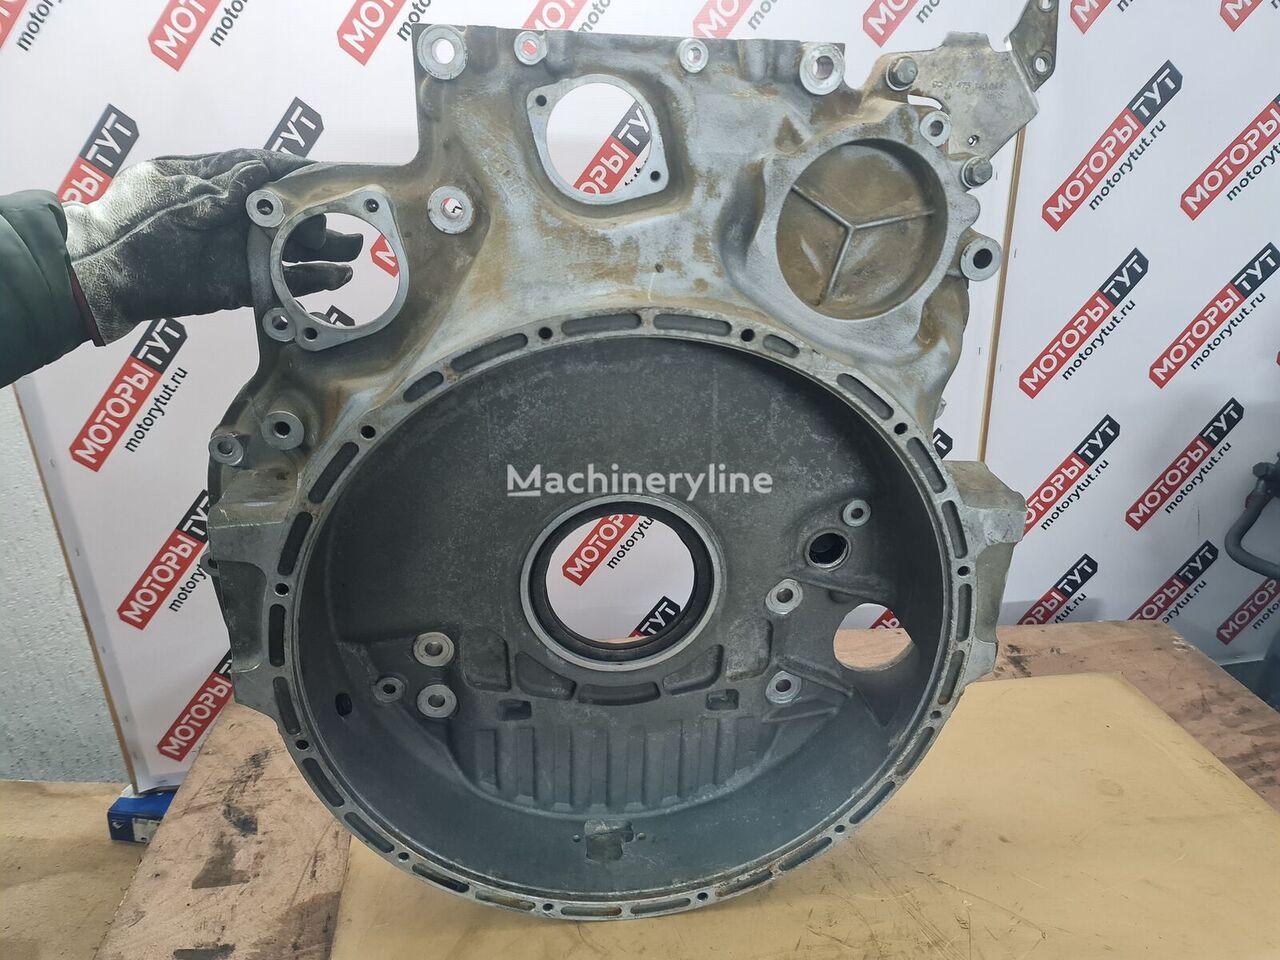 rumah flywheel MERCEDES-BENZ OM 473 LA untuk peralatan konstruksi lainnya MERCEDES-BENZ OM473LA